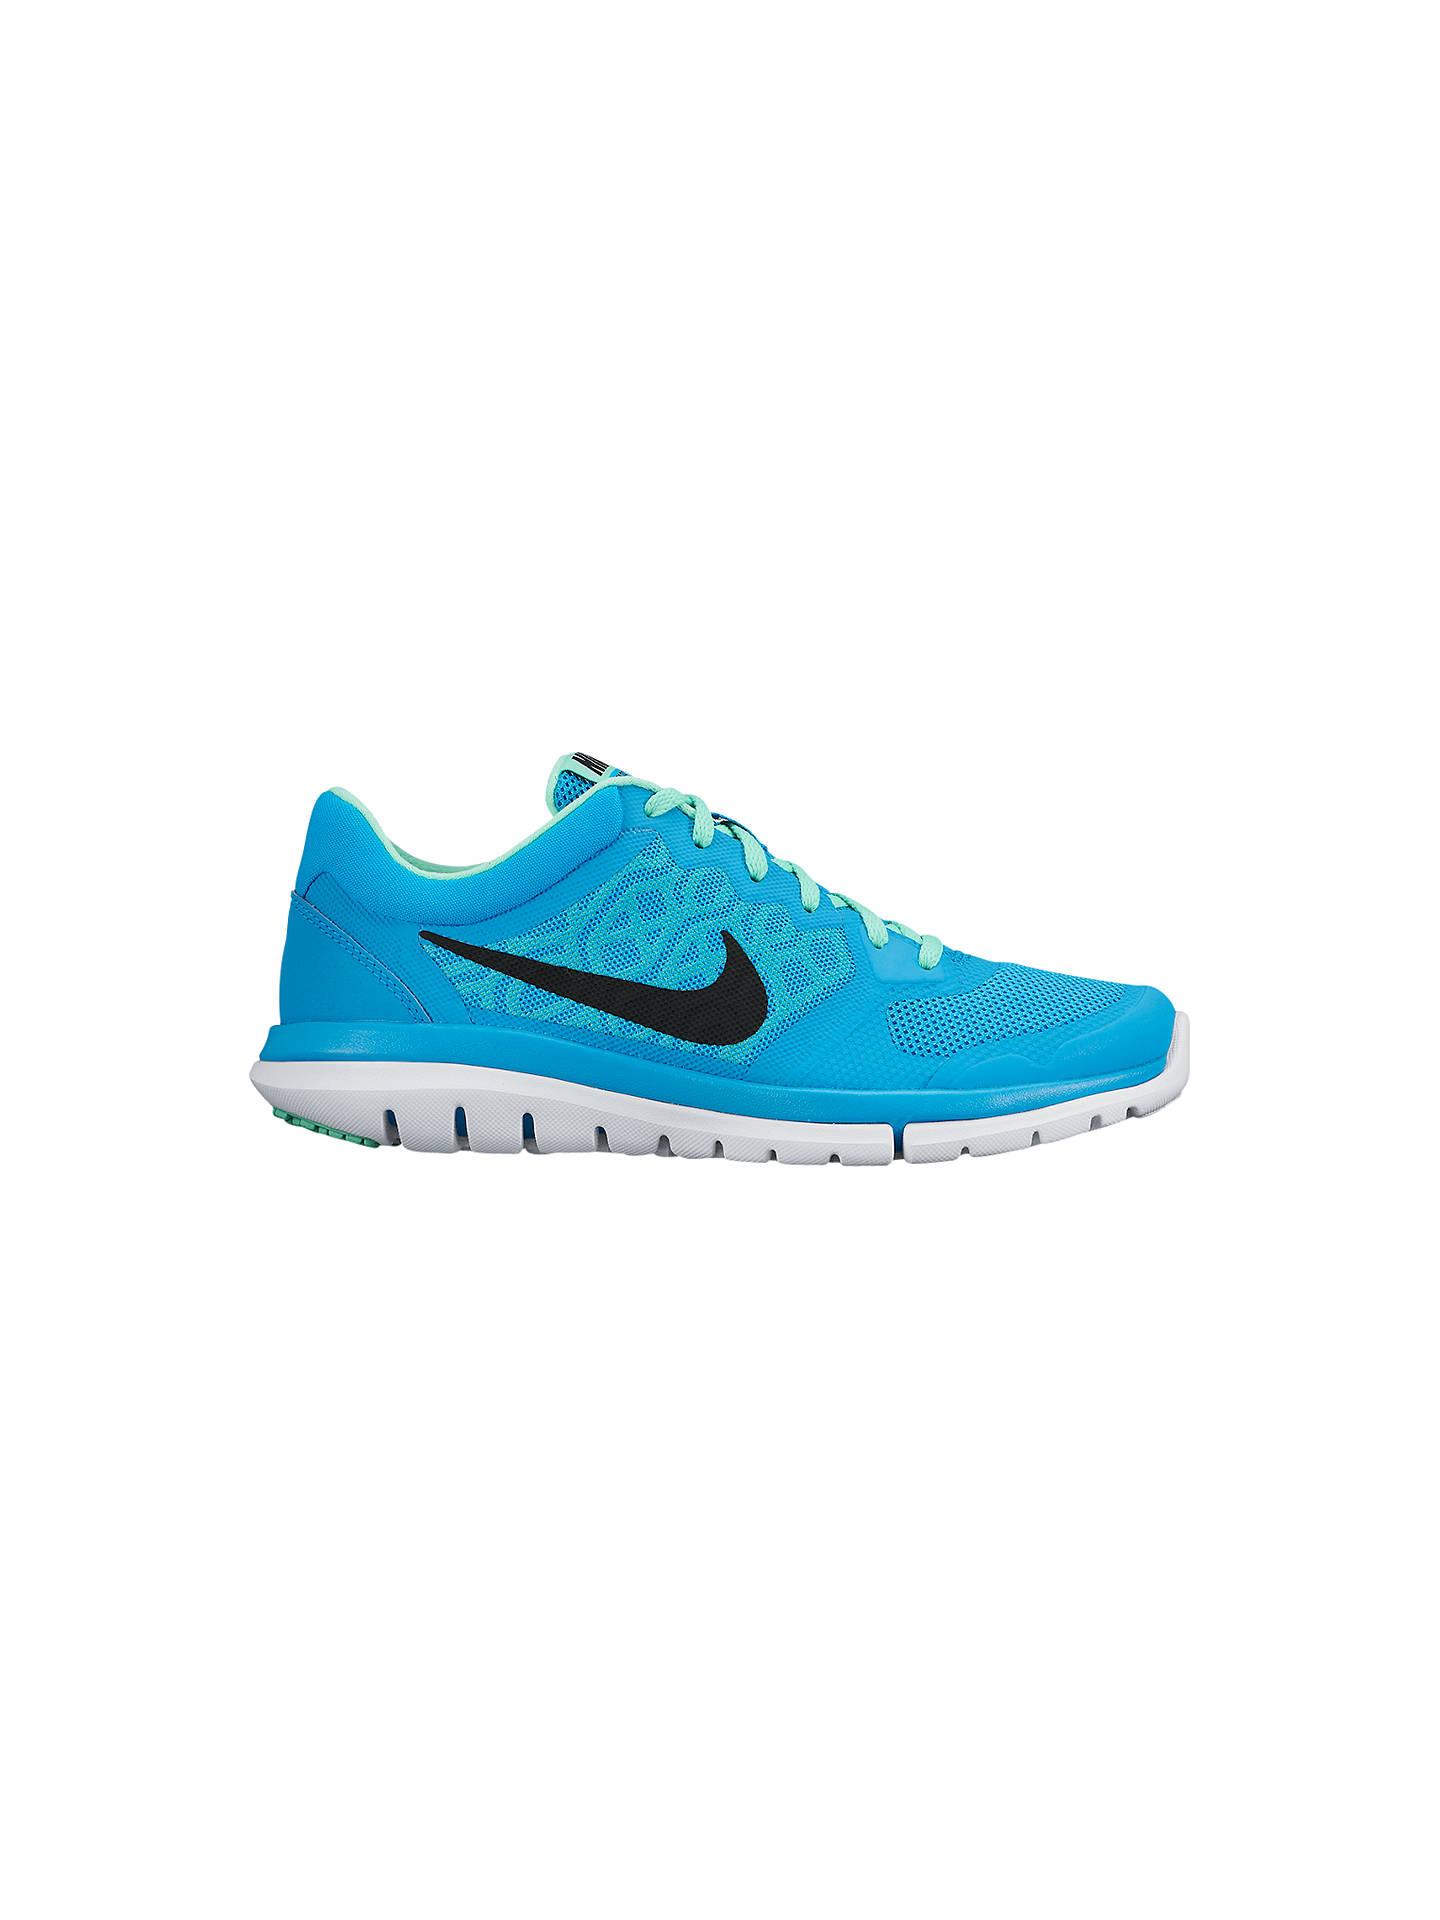 Nike Flex Run 2015 Women's Running Shoes at John Lewis